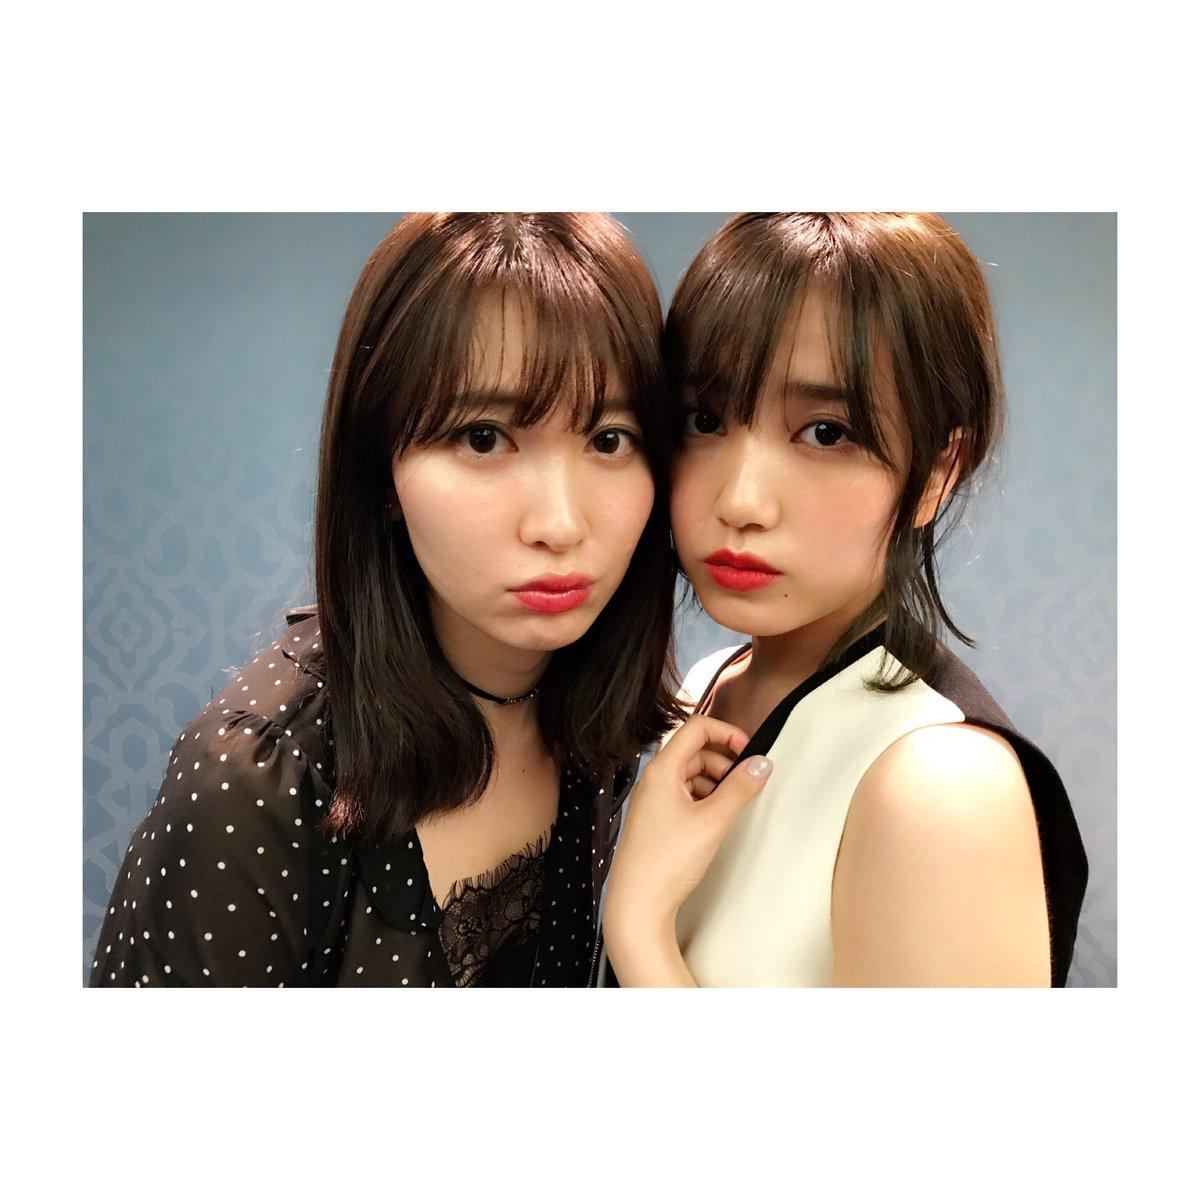 小嶋陽菜と加藤玲奈